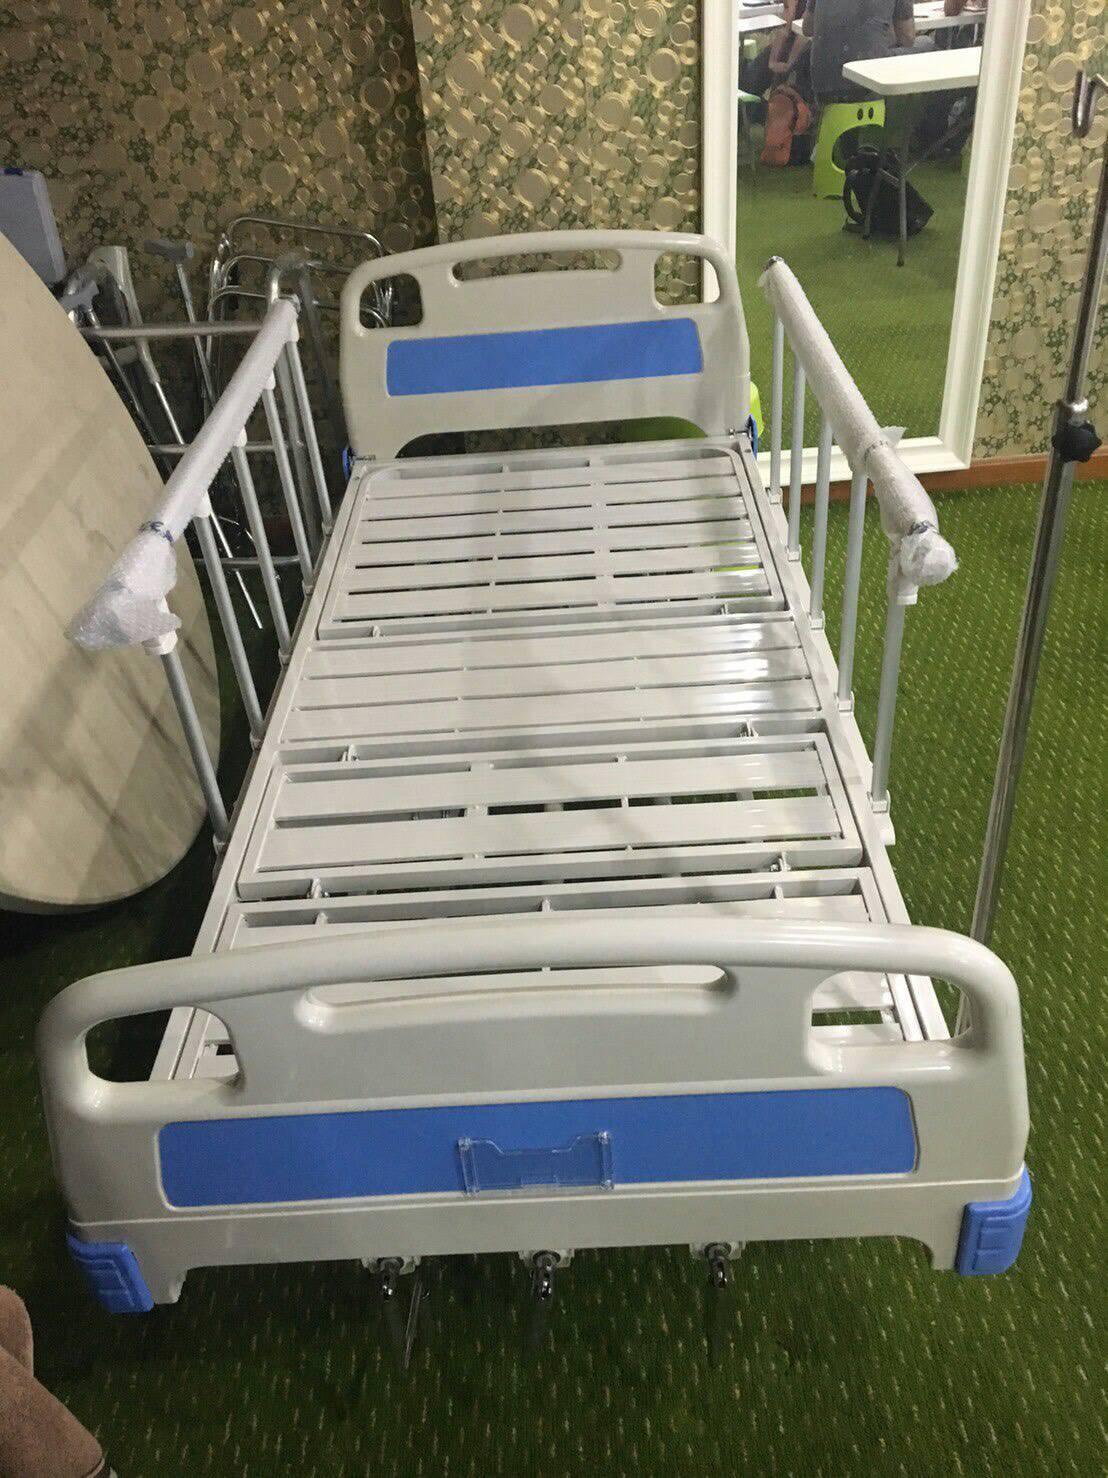 เตียง 3 ไกร์ มือหมุน หัว-ท้าย ABS ราวสไลด์ + ที่นอน + เสาน้ำเกลือ